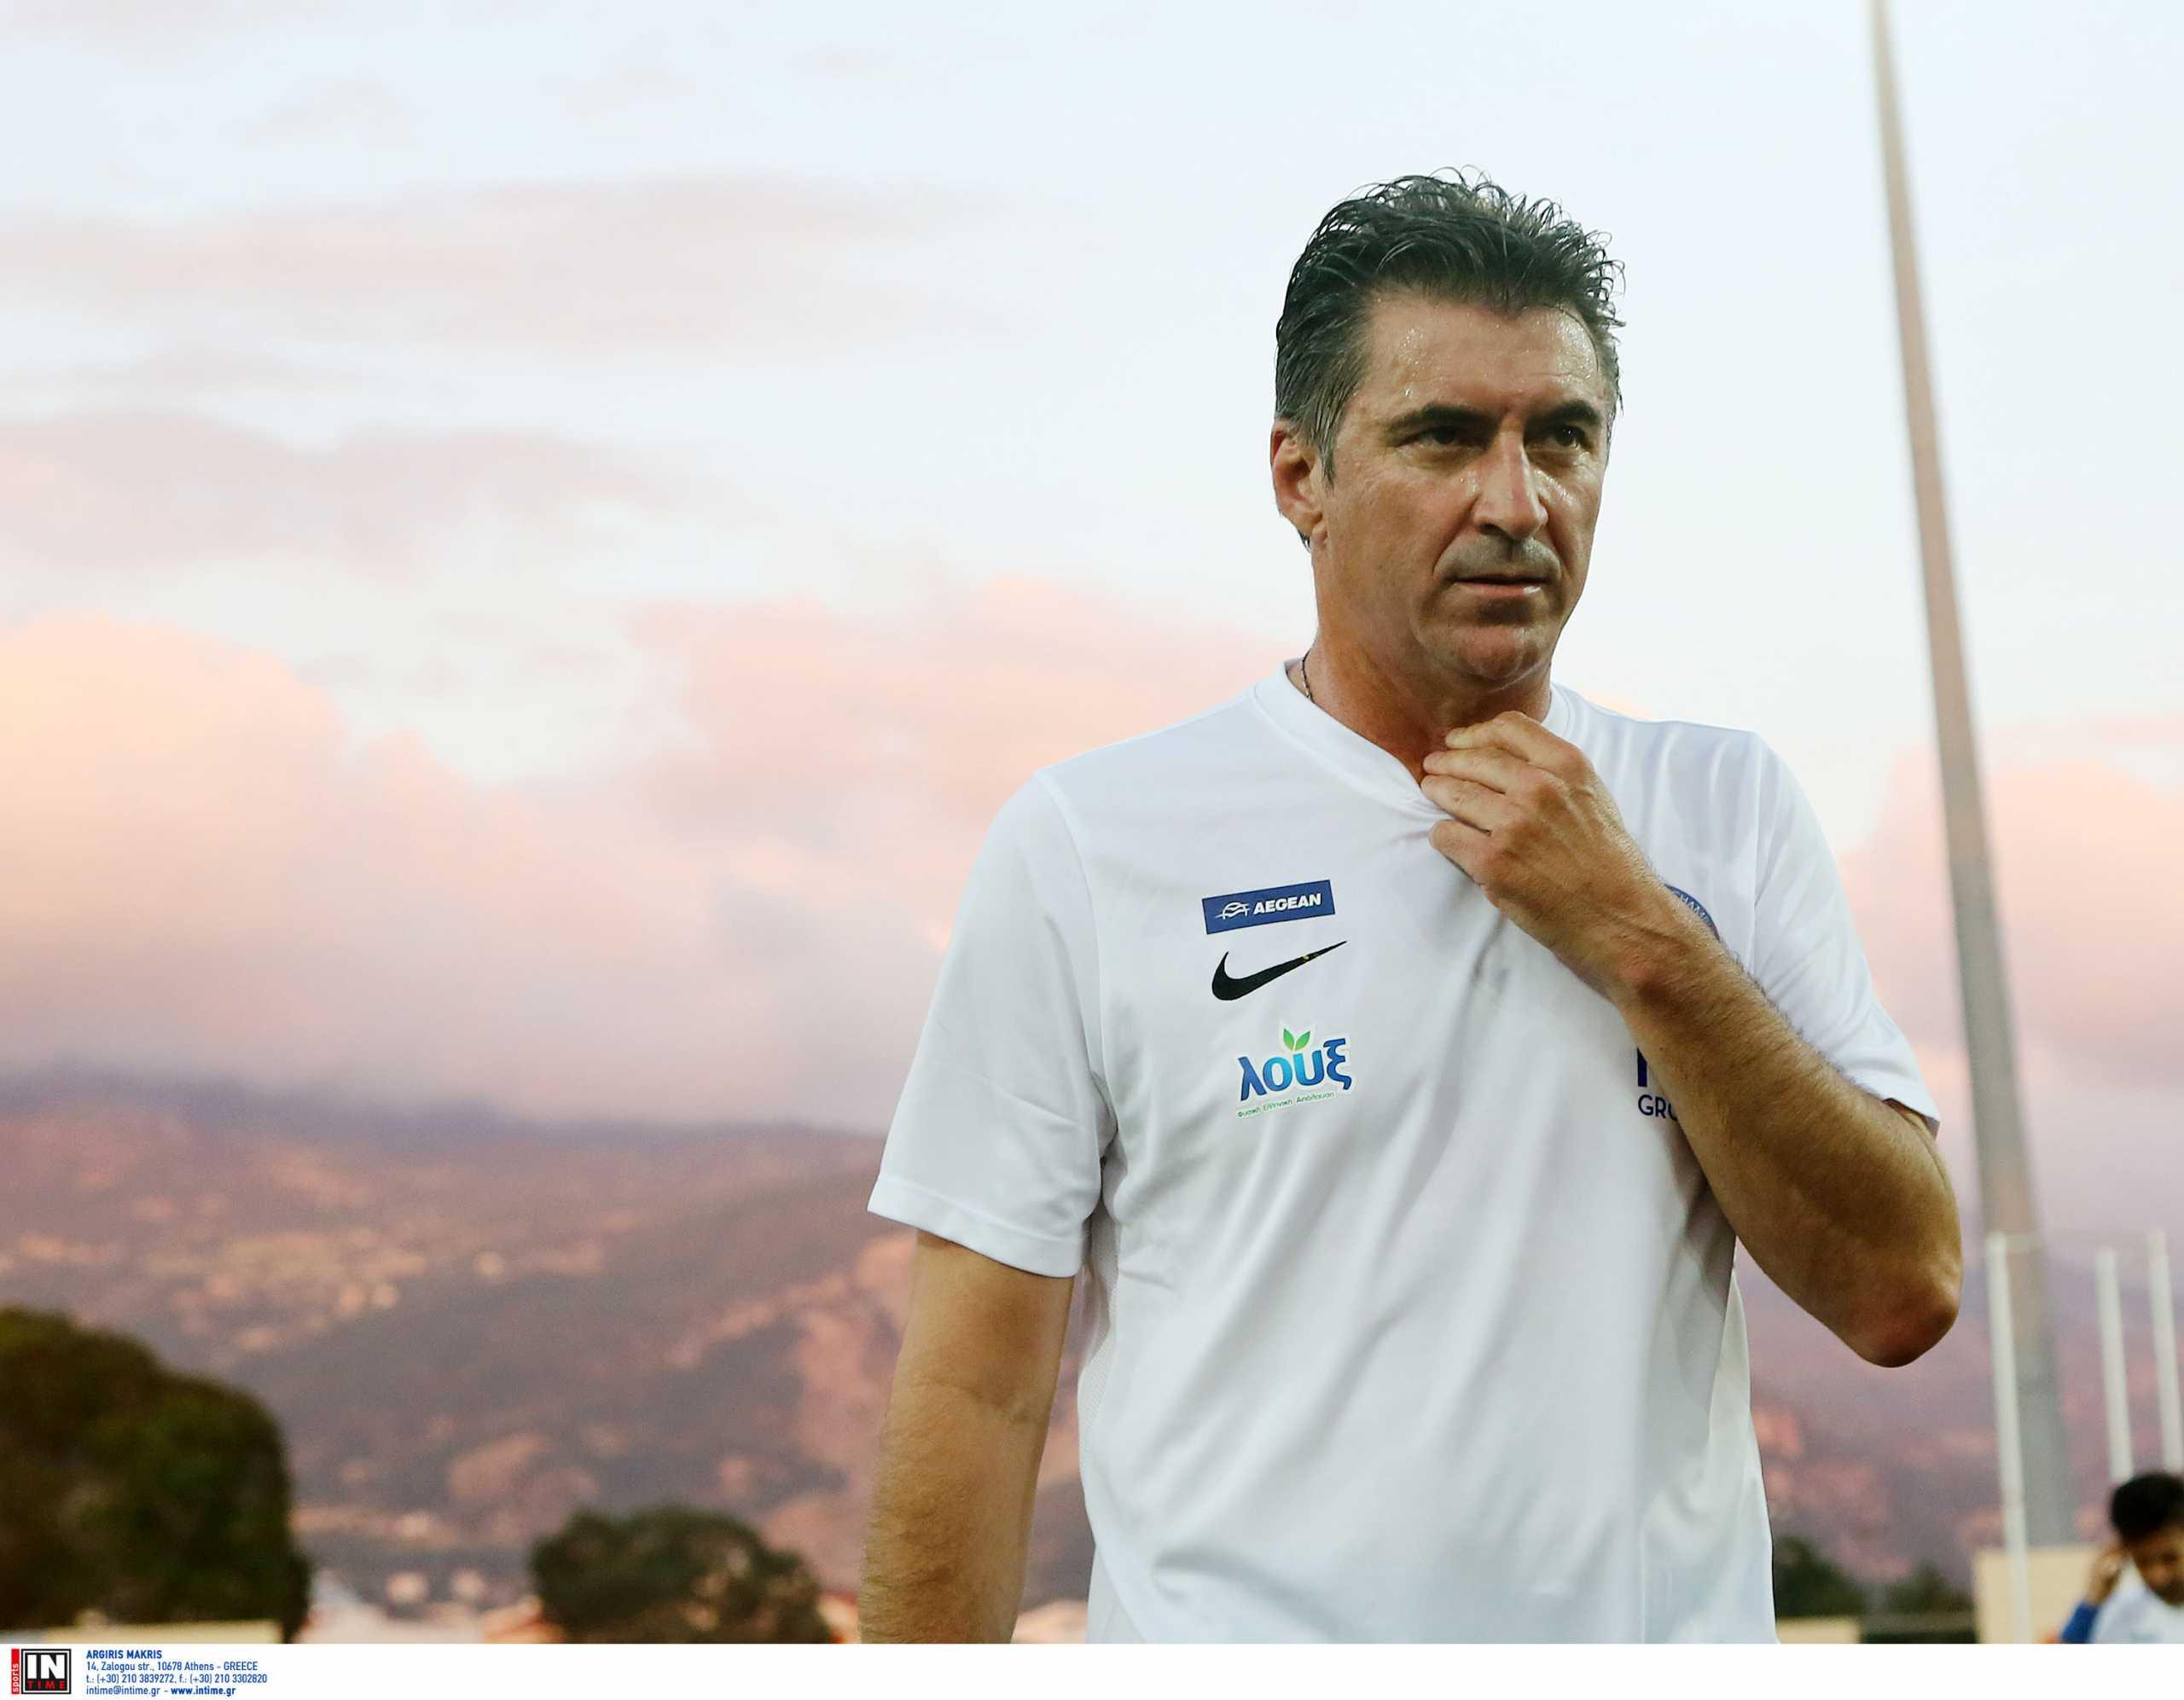 Εκλογές ΕΠΟ: Υποψήφιος κι επίσημα ο Ζαγοράκης